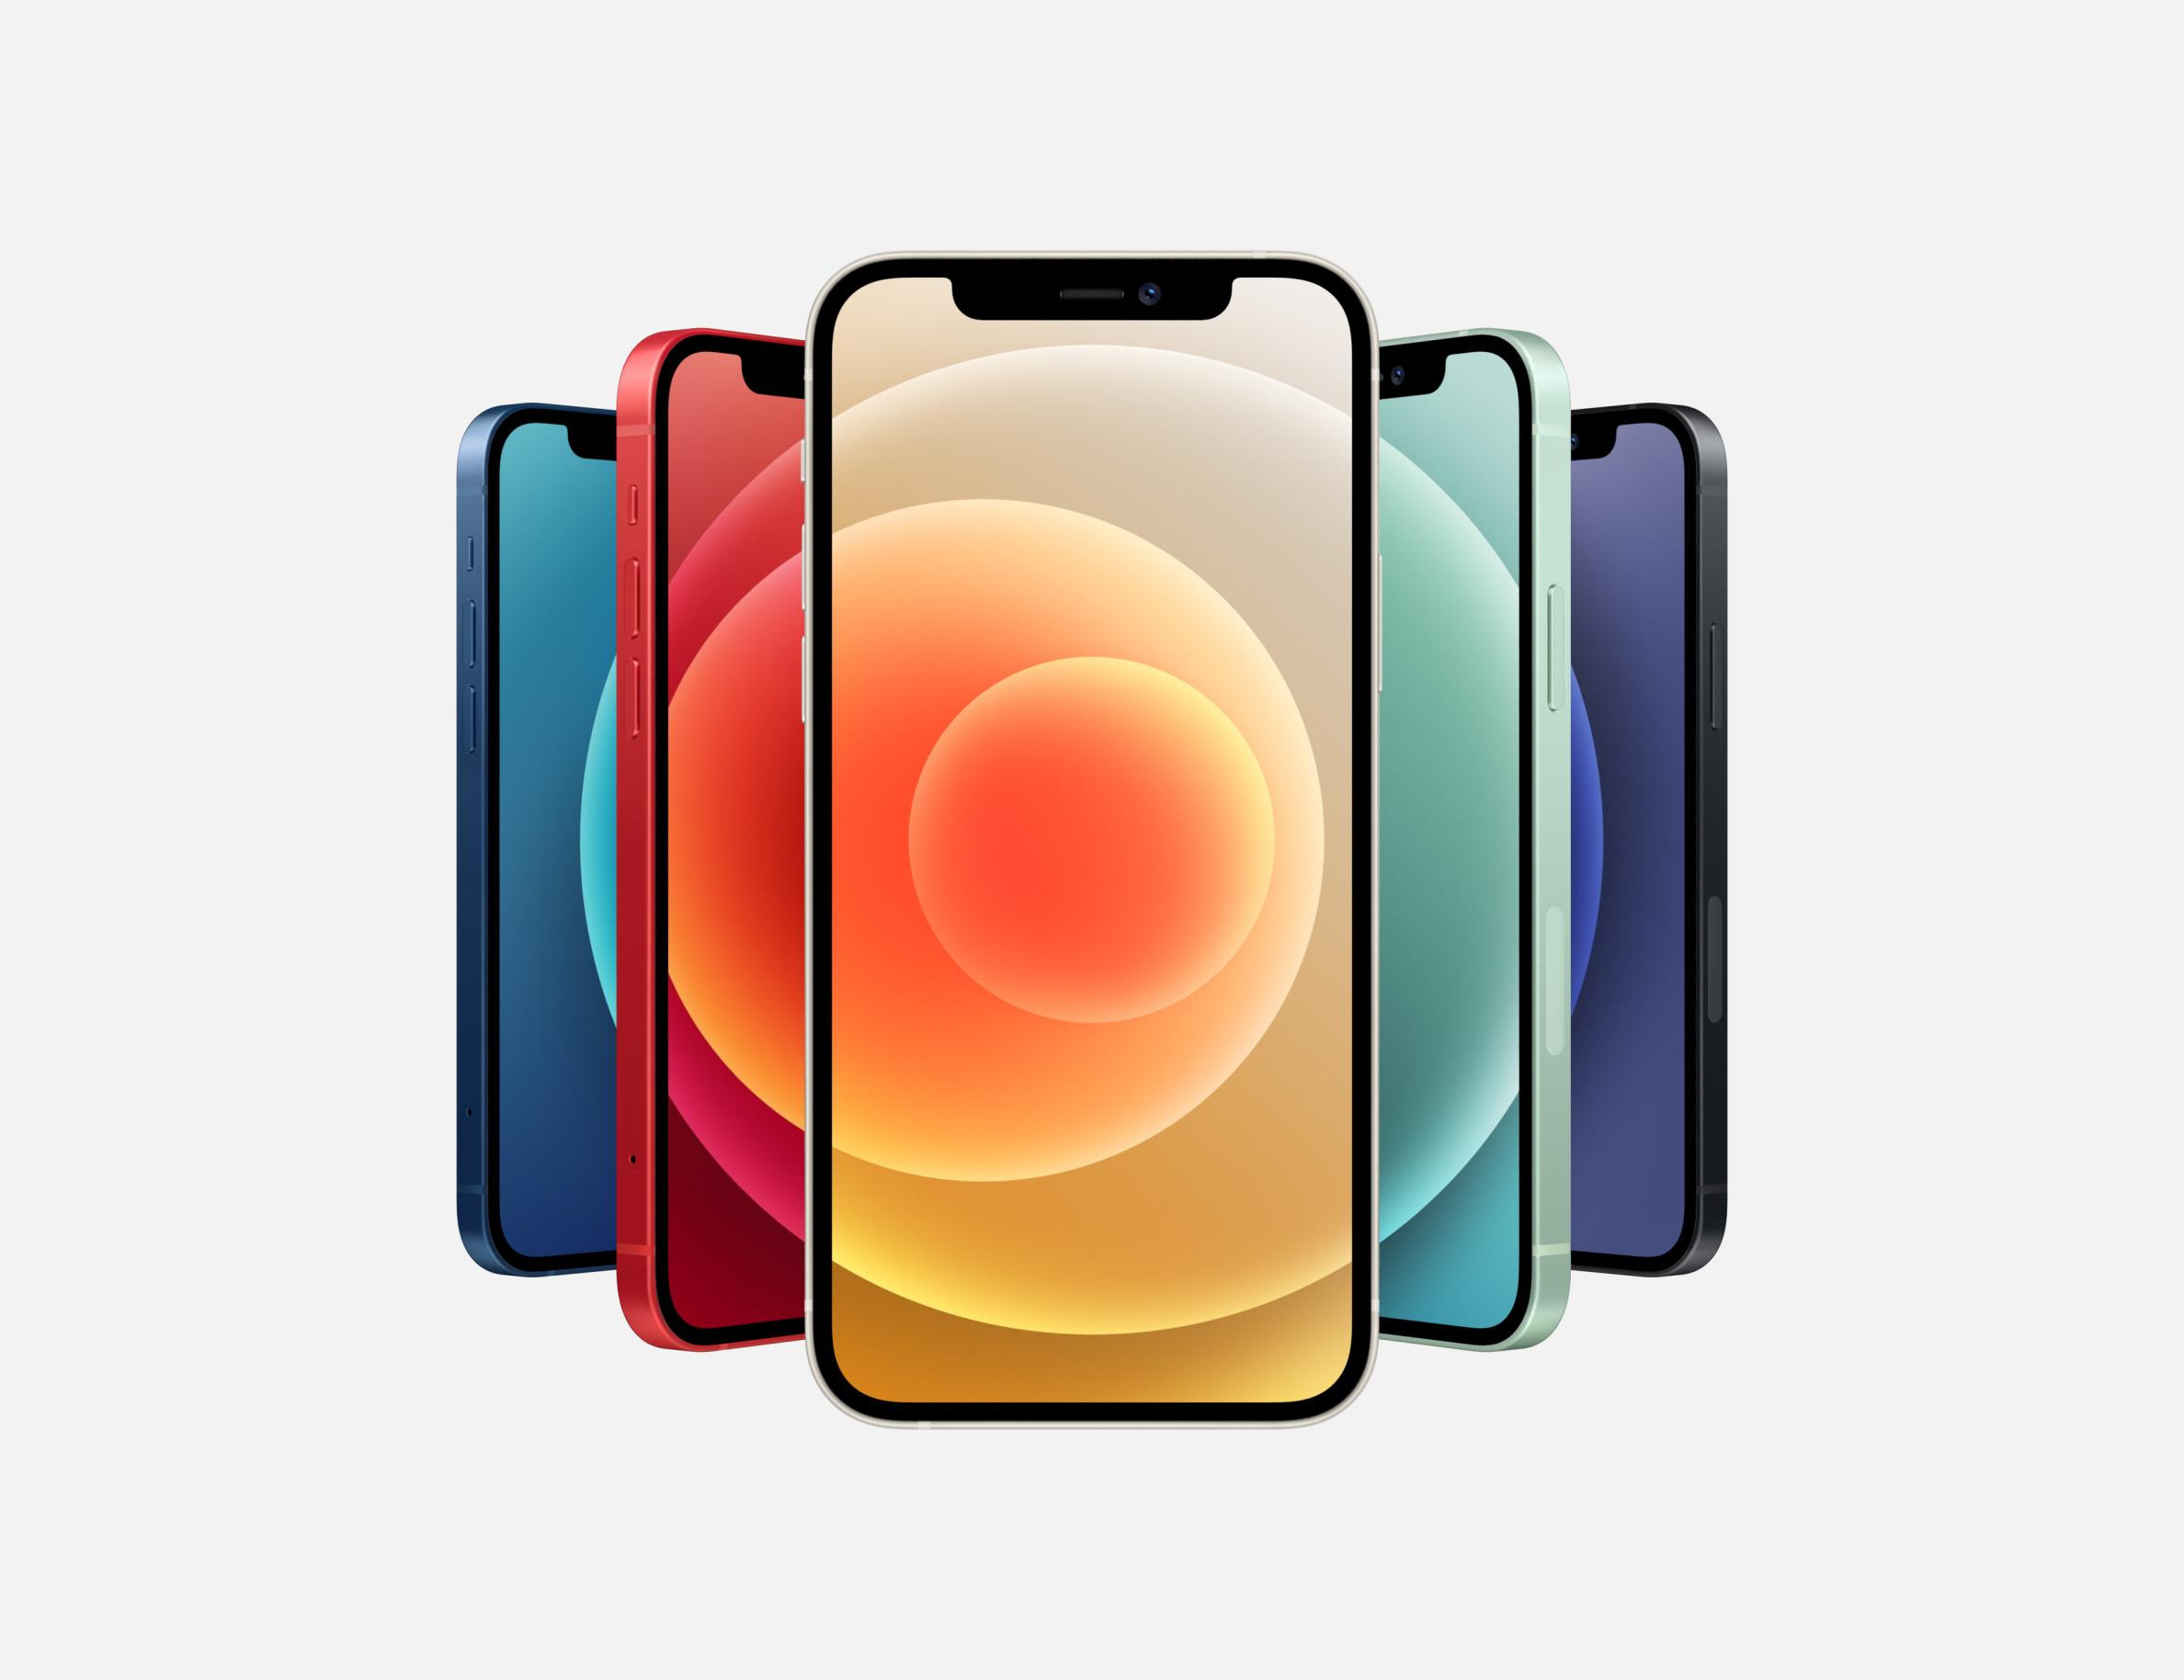 В этом году новые iPhone получили множество таких новых возможностей и улучшений как поддержка 5G, самый быстрый процессор когда-либо установленный в смартфоне – A14 Bionic, большой OLED дисплей, керамический корпус и Ночной режим на всех камерах.